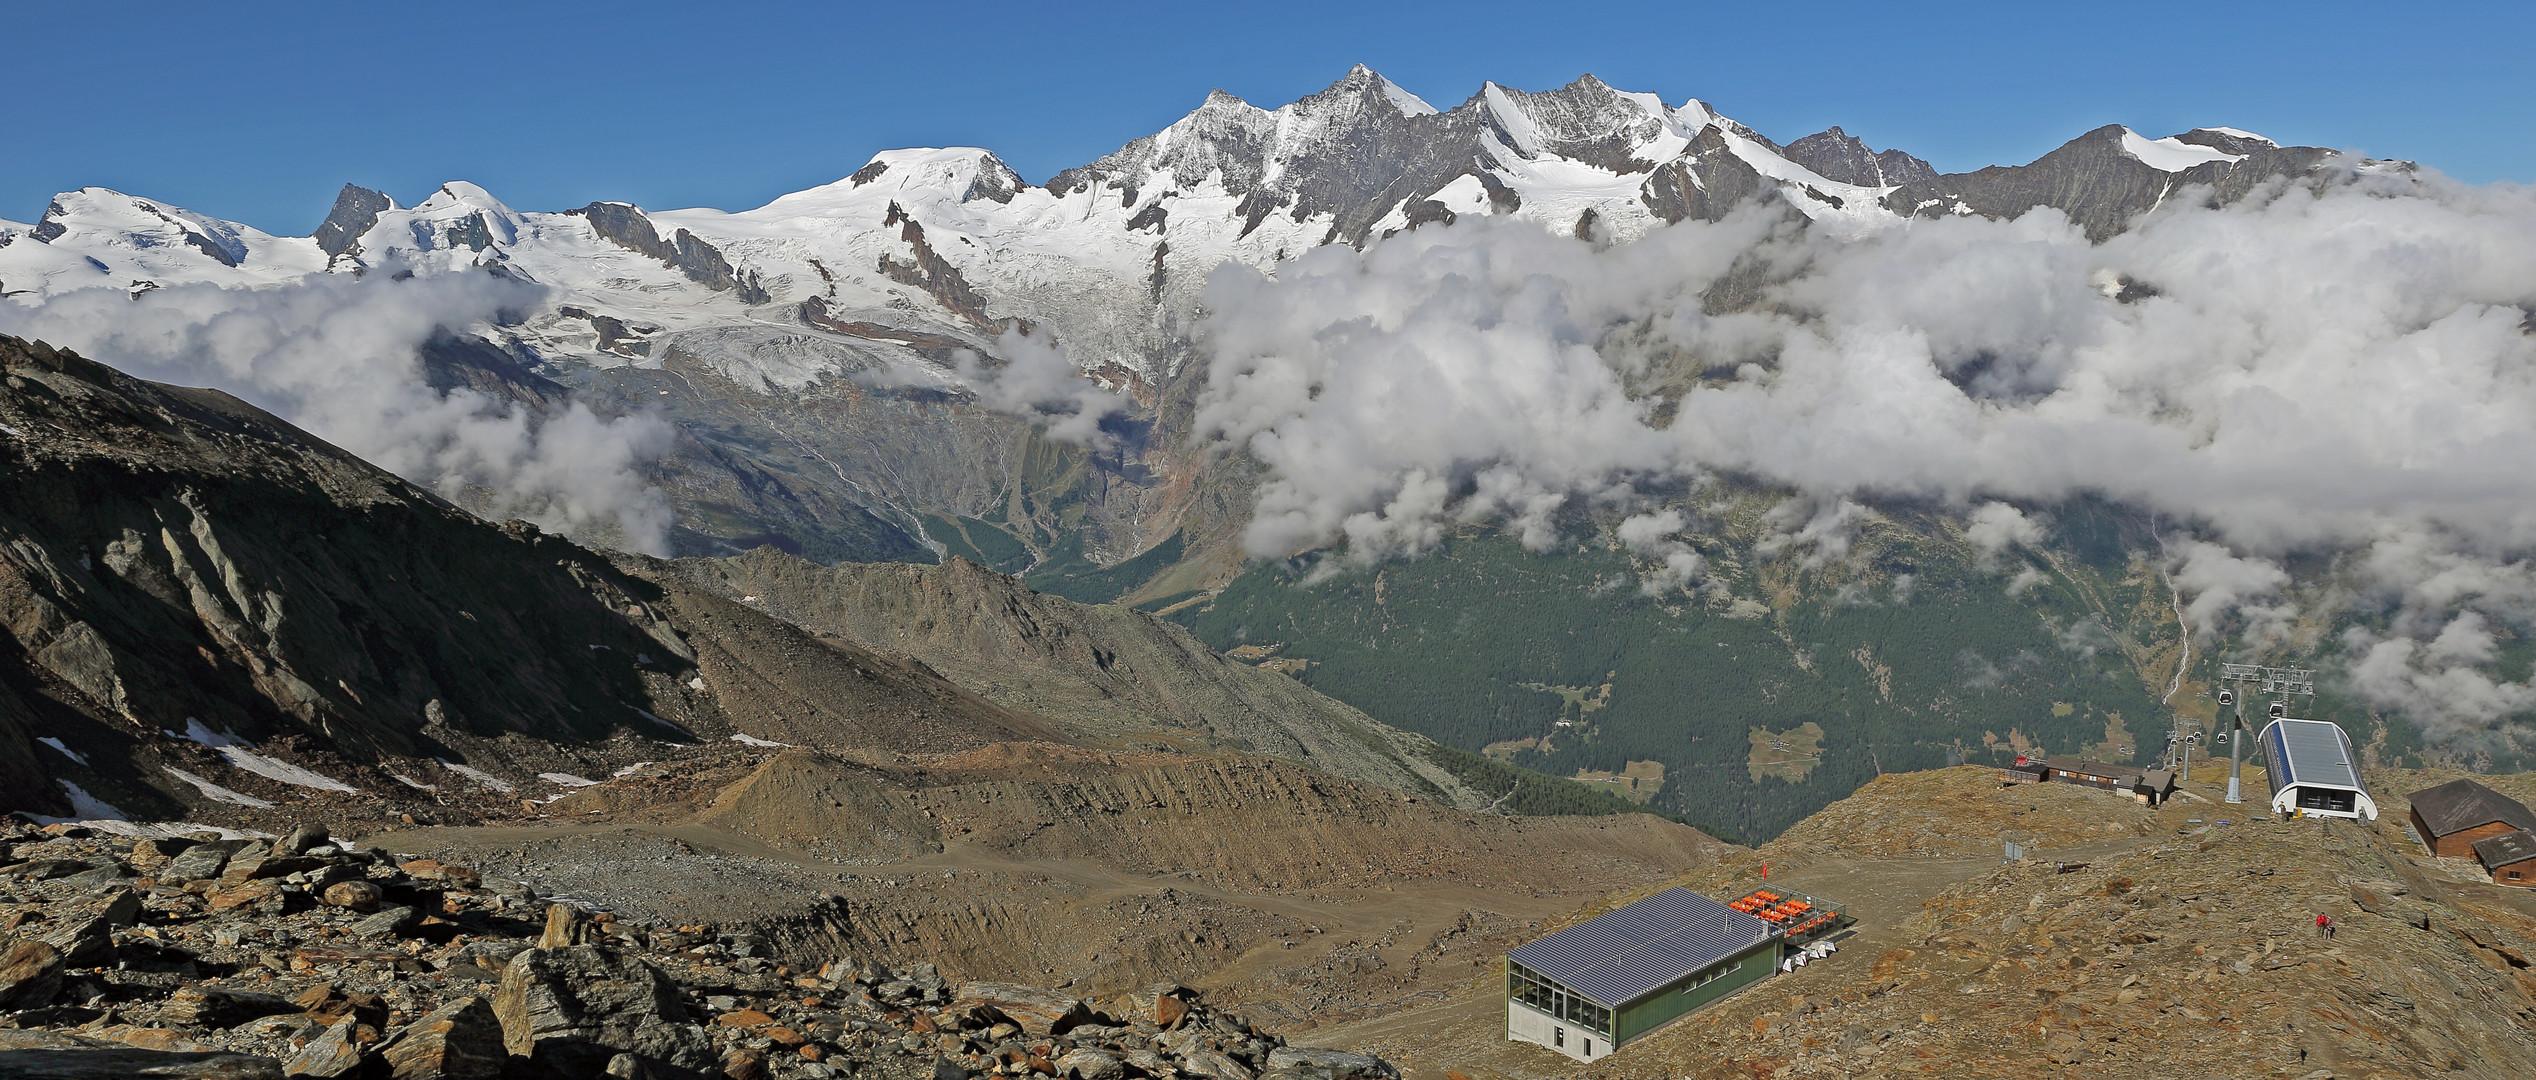 Alle möglichen Viertausender bis auf den Monte Rosa hier auf einer WW-Aufnahme...